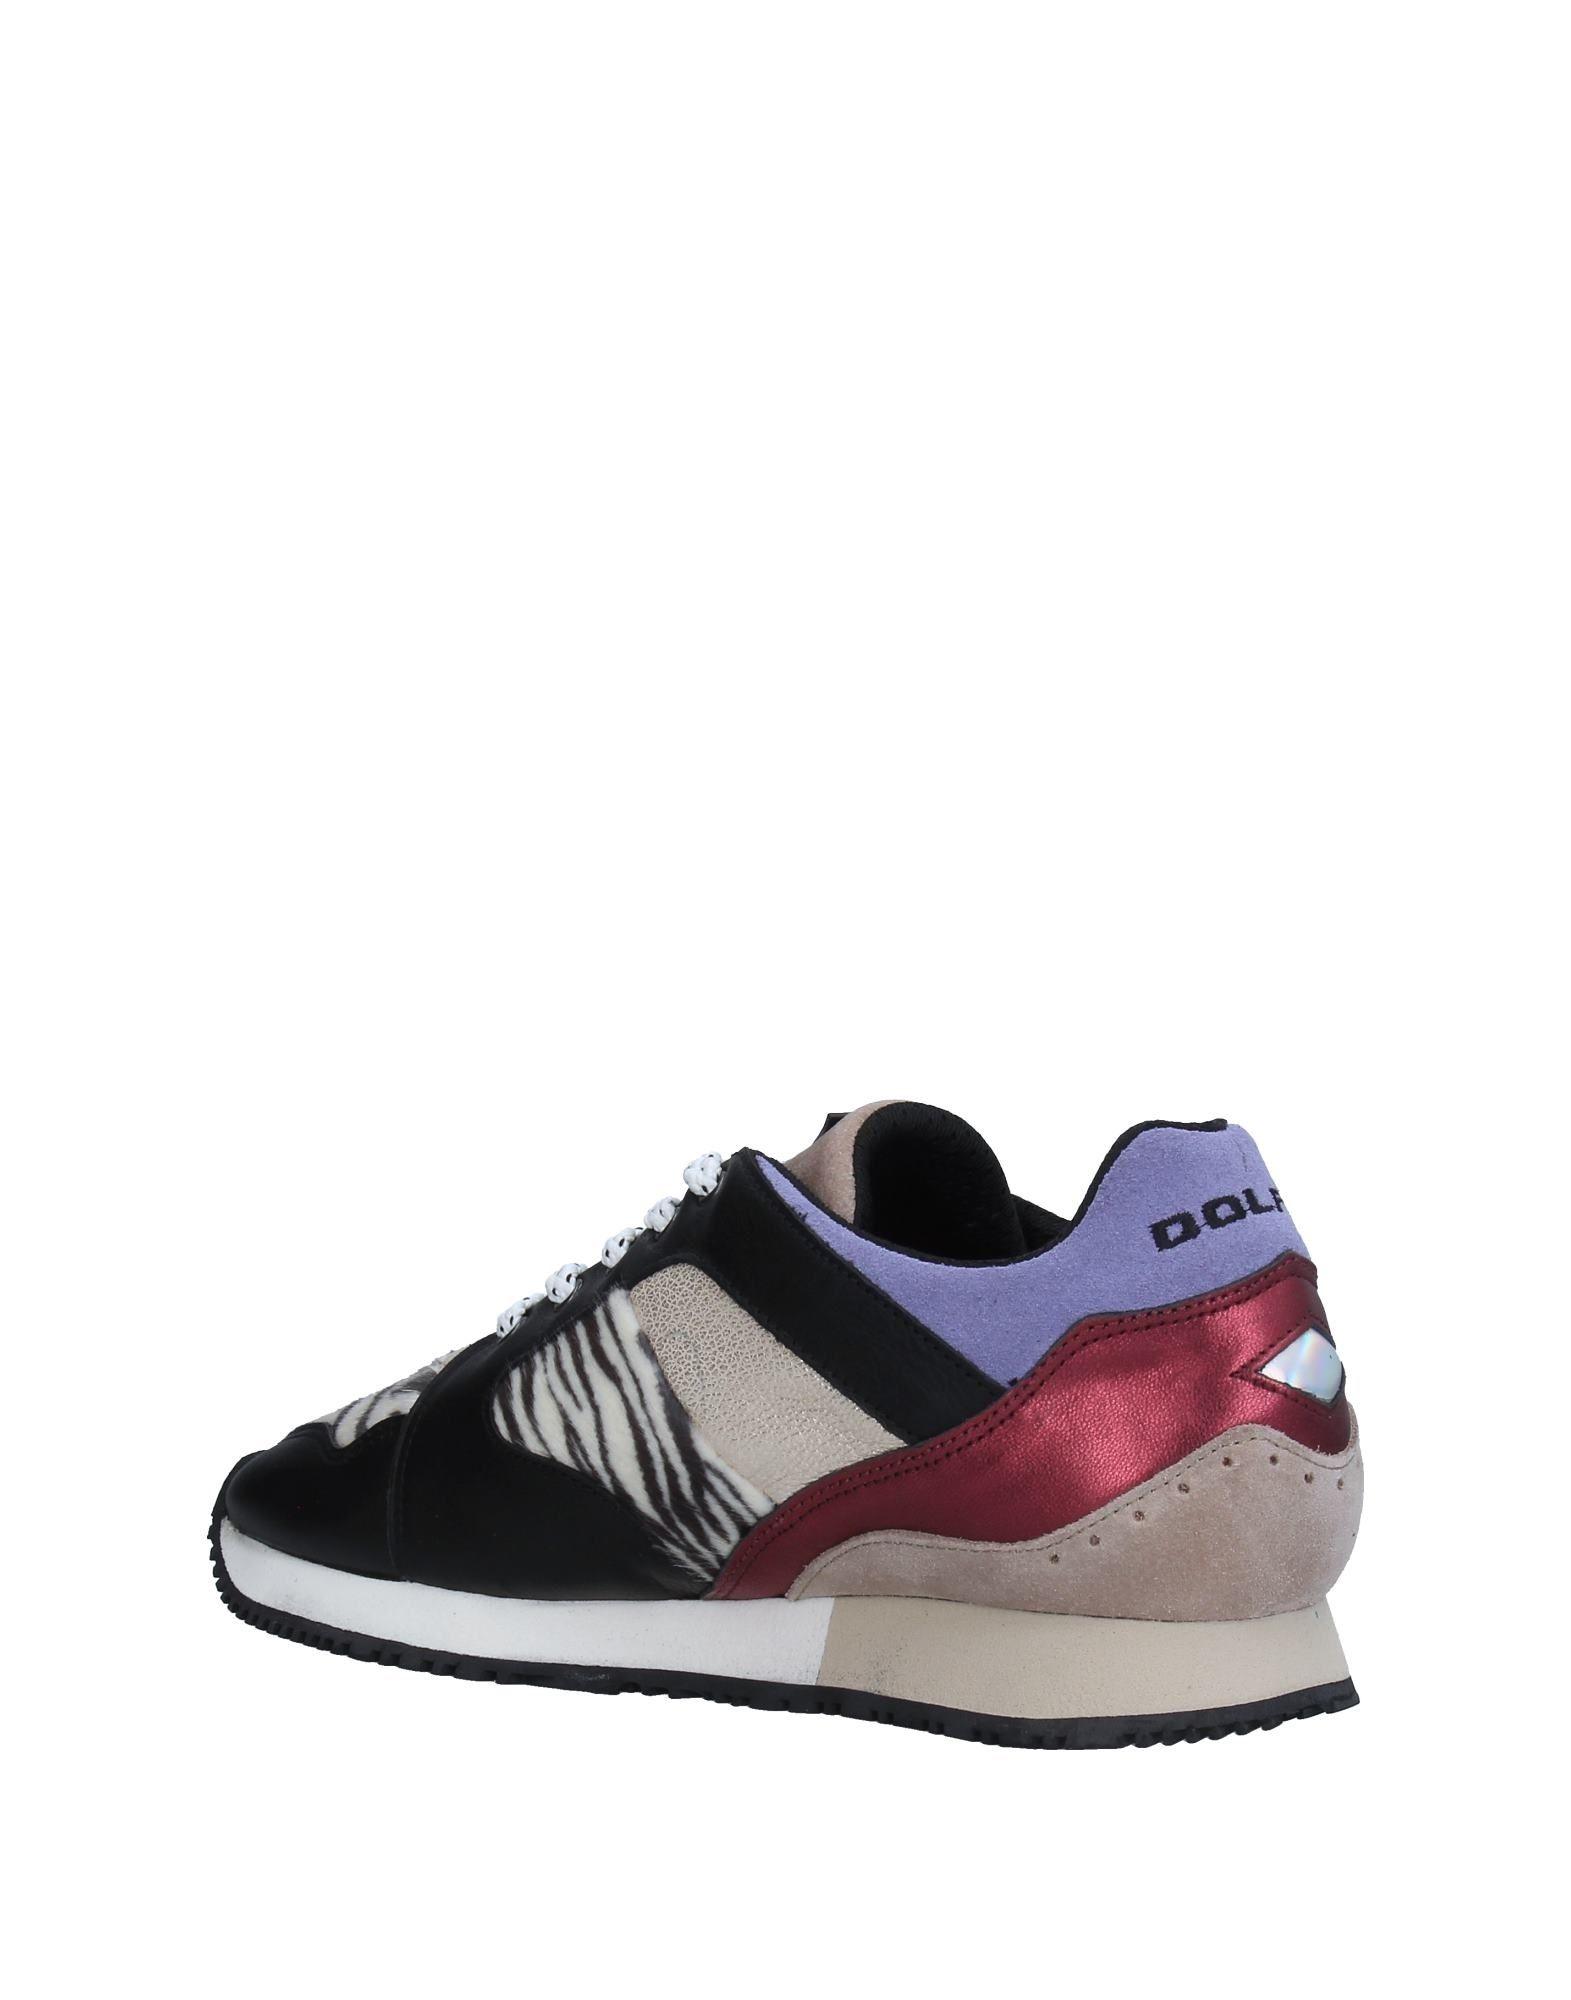 Dolfie Sneakers Damen beliebte  11279161WB Gute Qualität beliebte Damen Schuhe 850df3